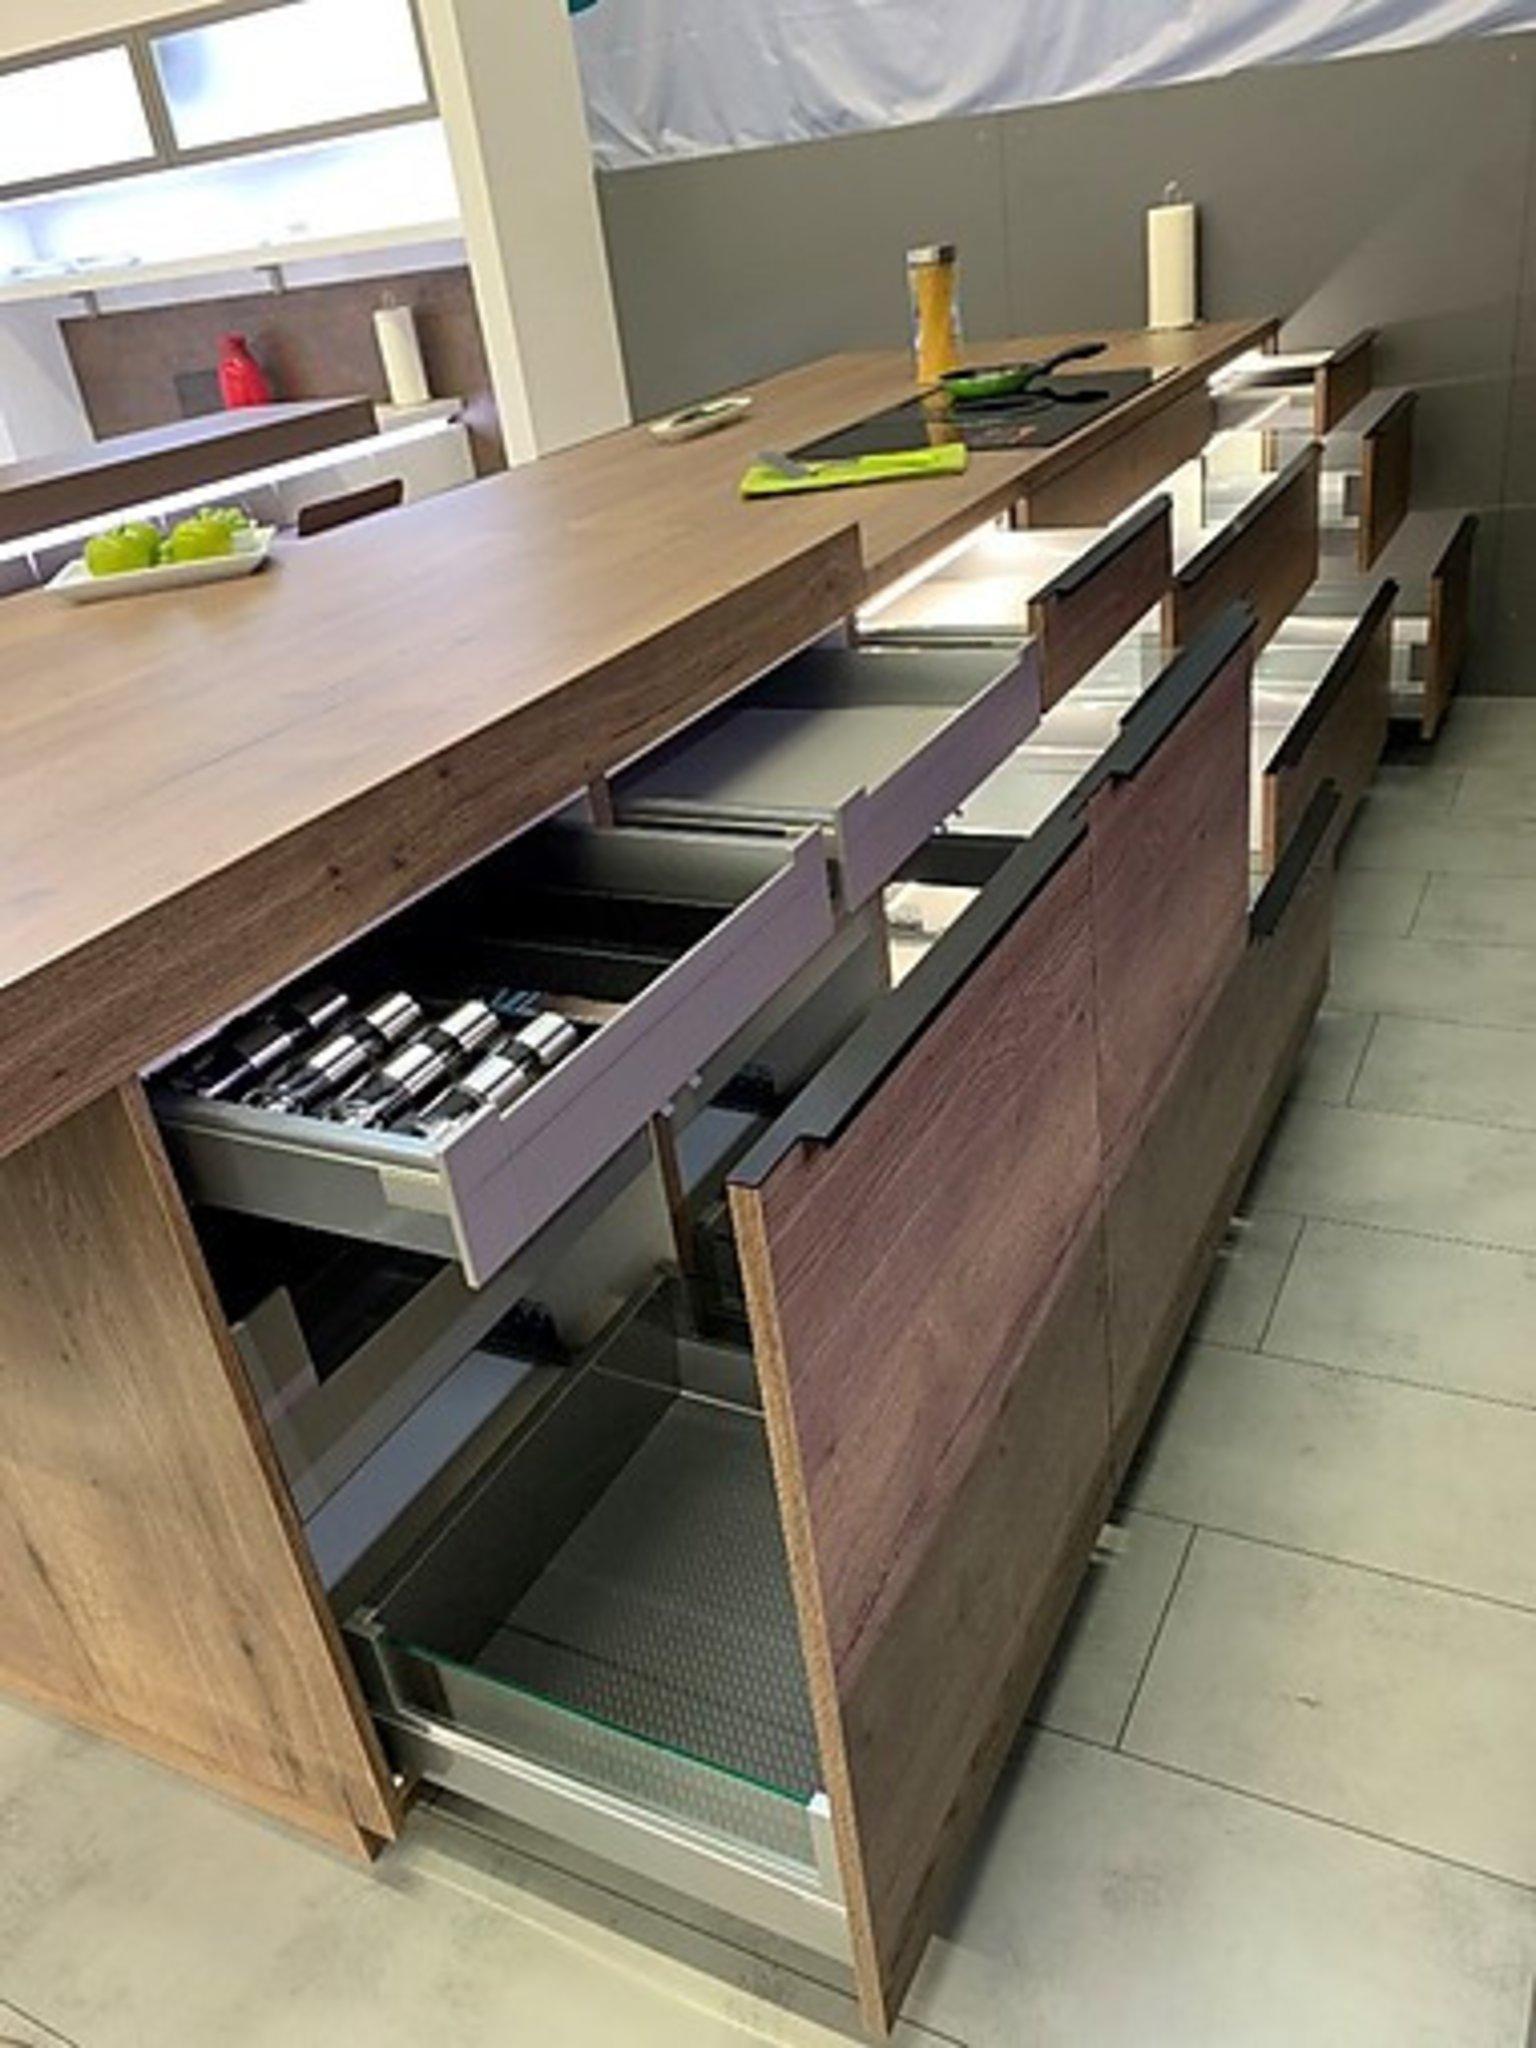 Full Size of Nobilia Besteckeinsatz 100 Cm 60 Variabel 90 Küche Einbauküche Wohnzimmer Nobilia Besteckeinsatz